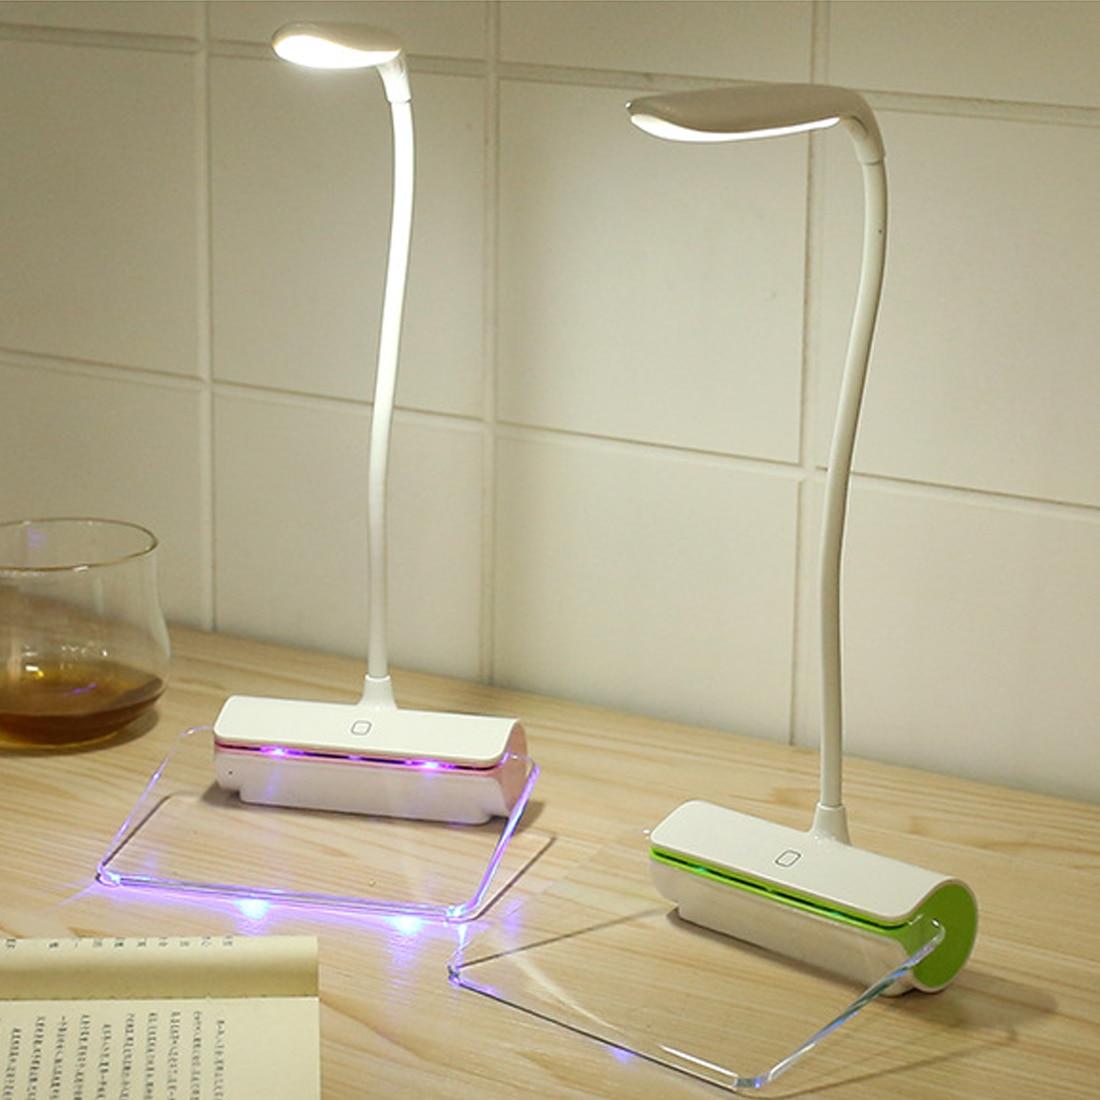 Eerlijk Nieuwste Ontwerp Oplaadbare Tafellamp Led Light Switch Usb Opladen Tl Message Board Touch Nachtlampje 1.5 W